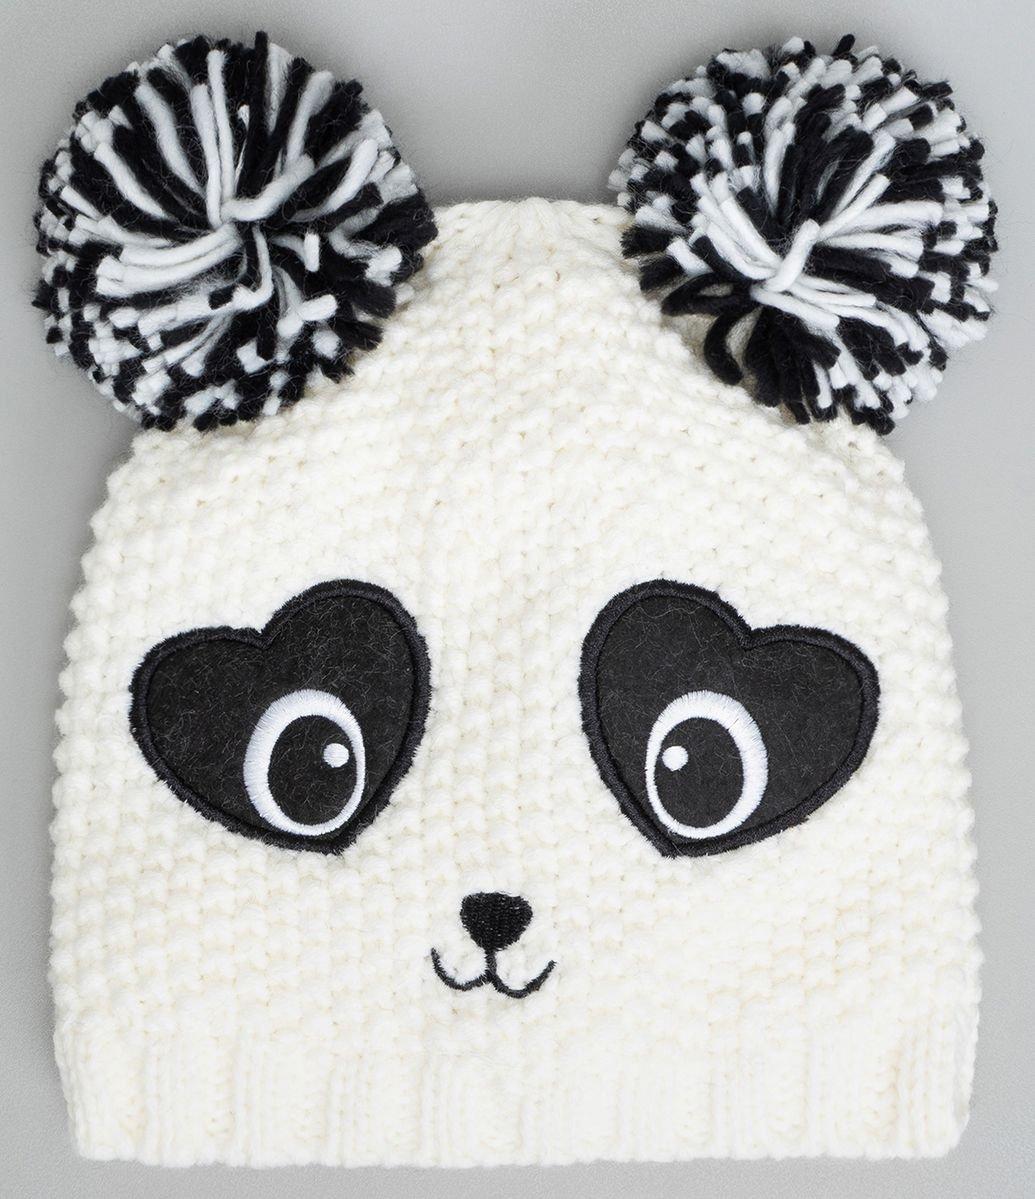 91a6d15894c4b Gorro Infantil Panda com Pompom -Tam Único - Renner